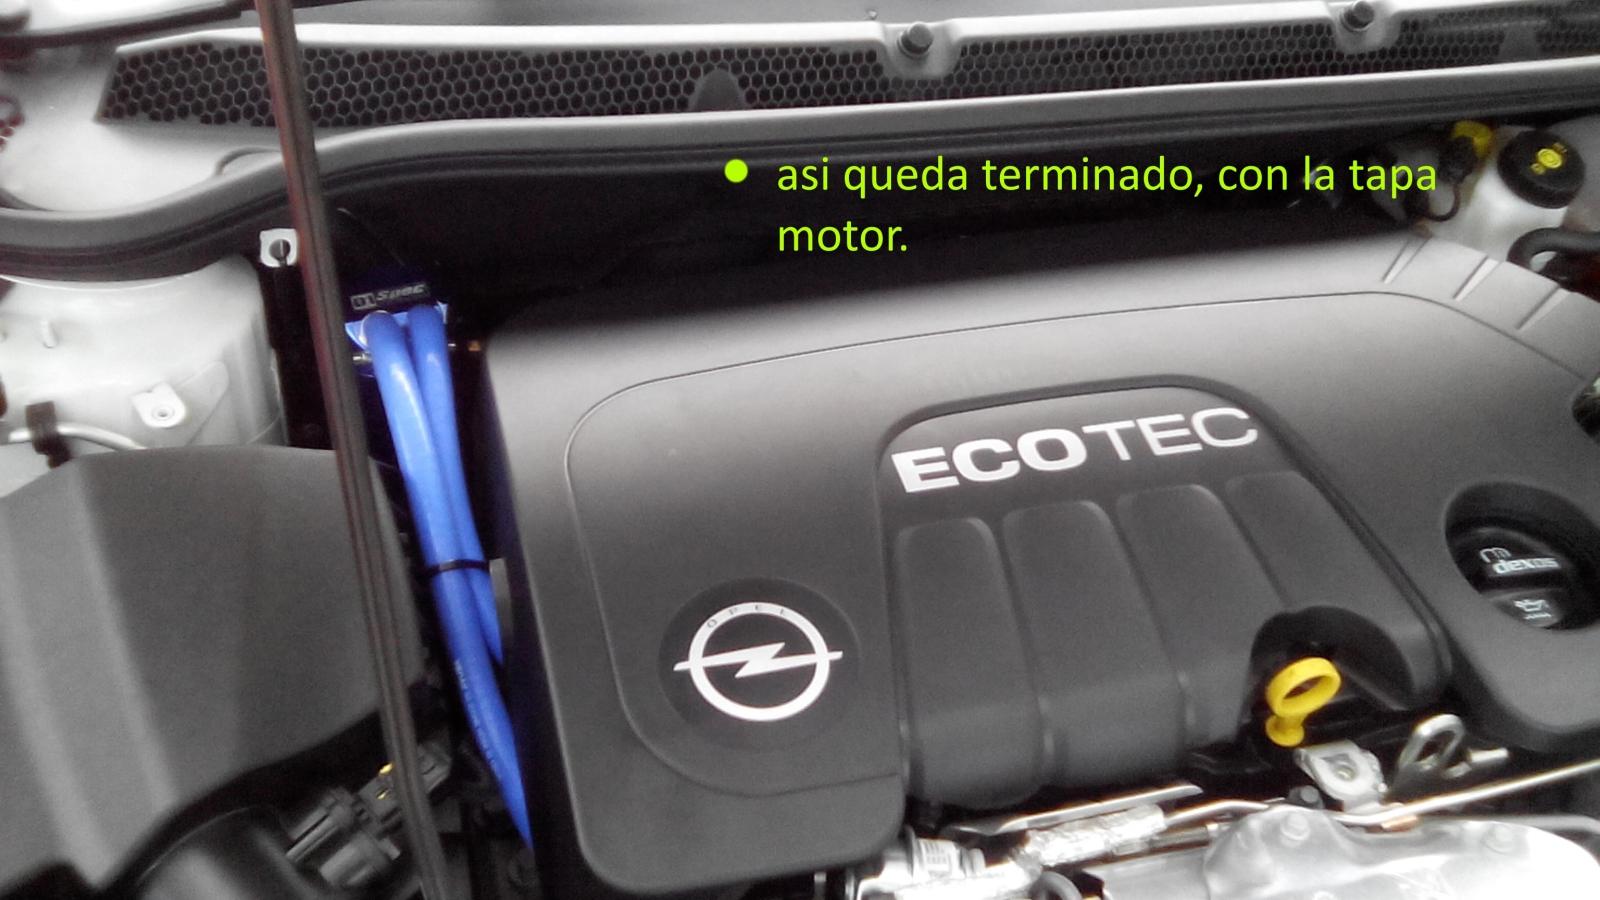 [BRICO J] Instalar decantador de aceite al motor 1.6 CDTI 2ymskyp